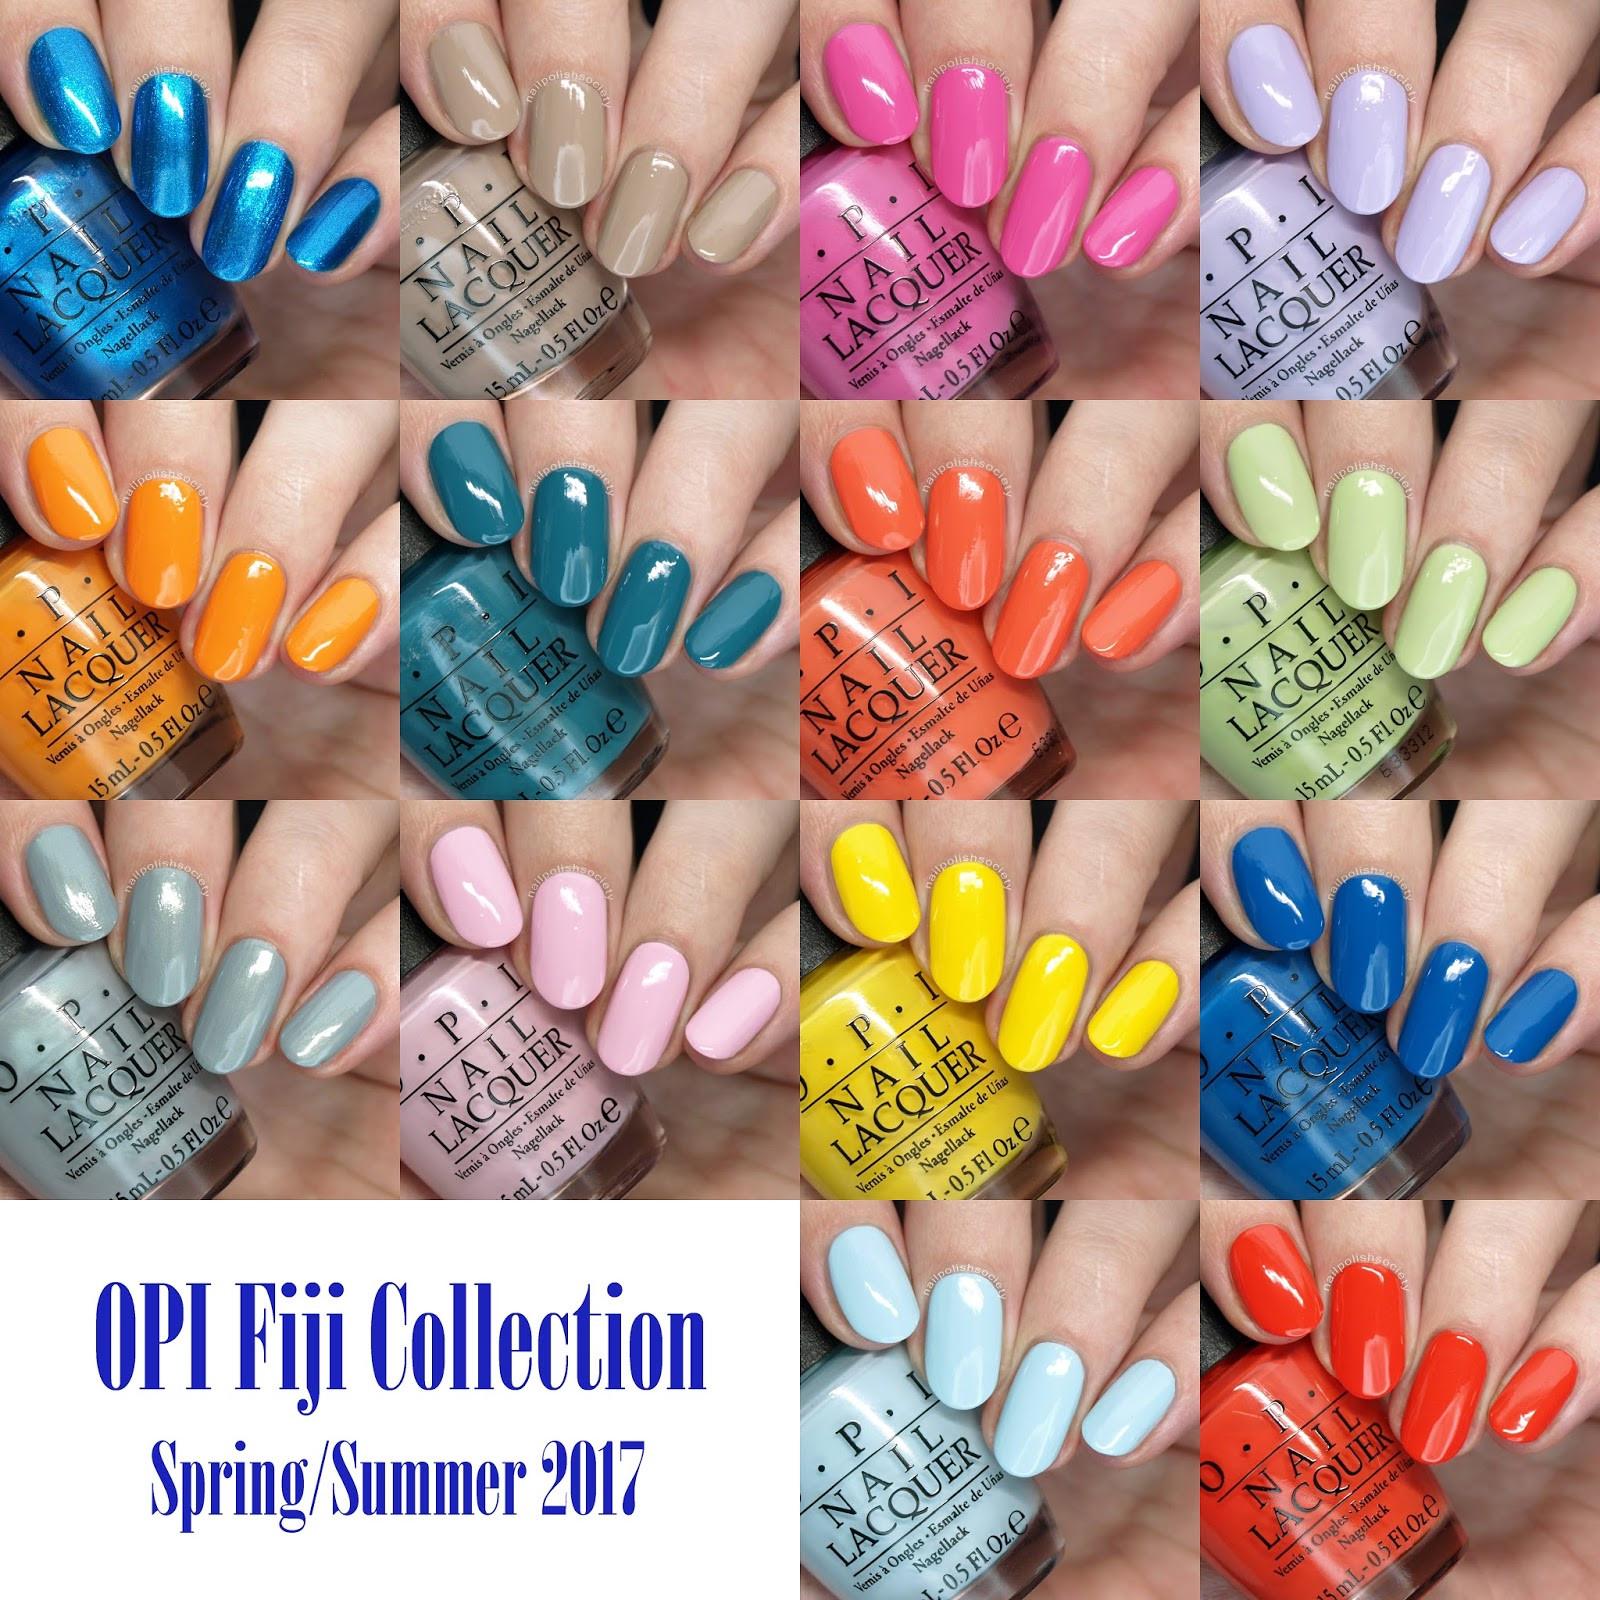 Spring Nail Colors Opi  Nail Polish Society OPI Spring Summer 2017 Fiji Collection